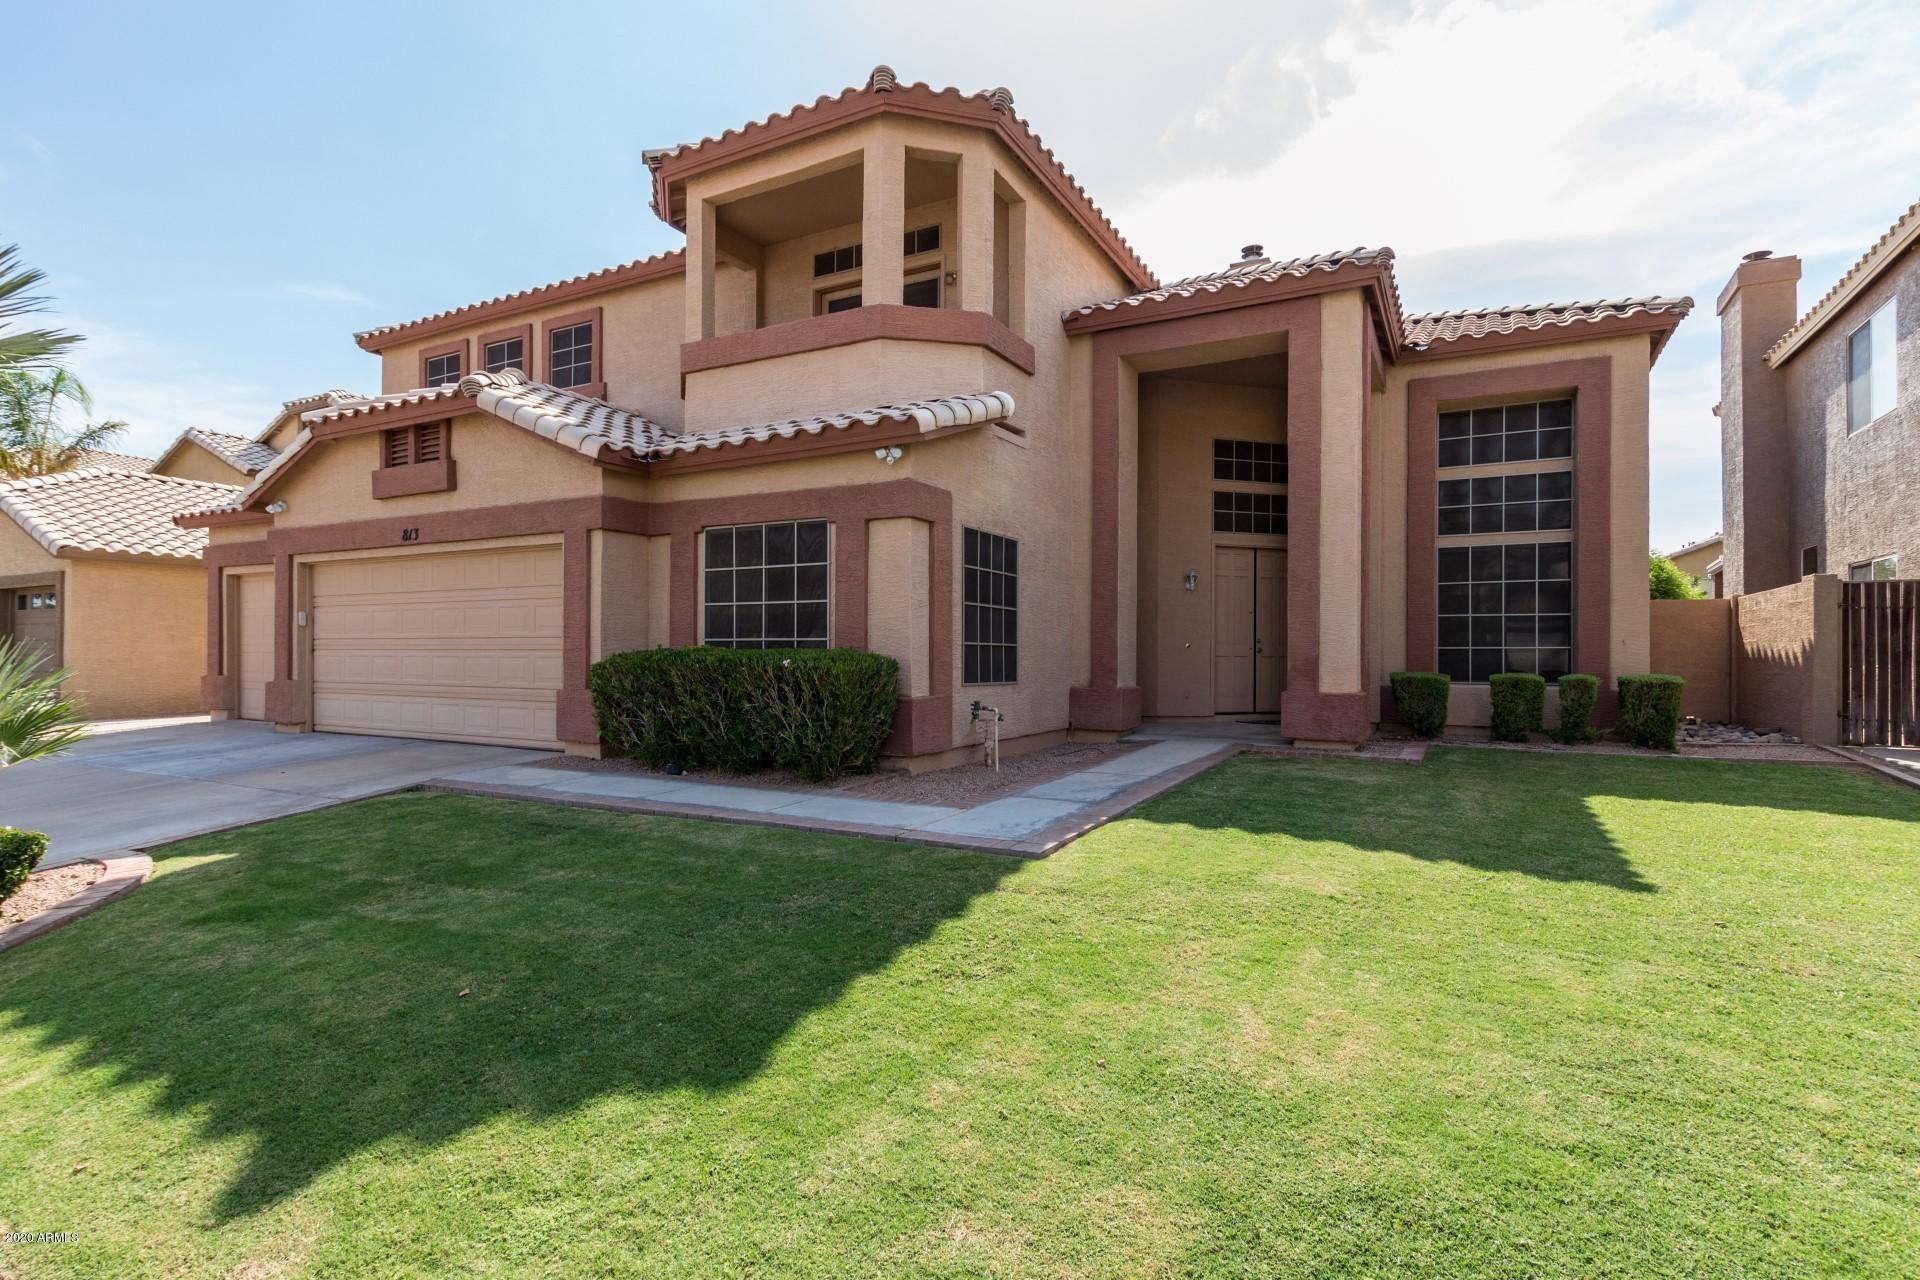 813 S Copper Key Court, Gilbert, AZ 85233 - #: 6022198